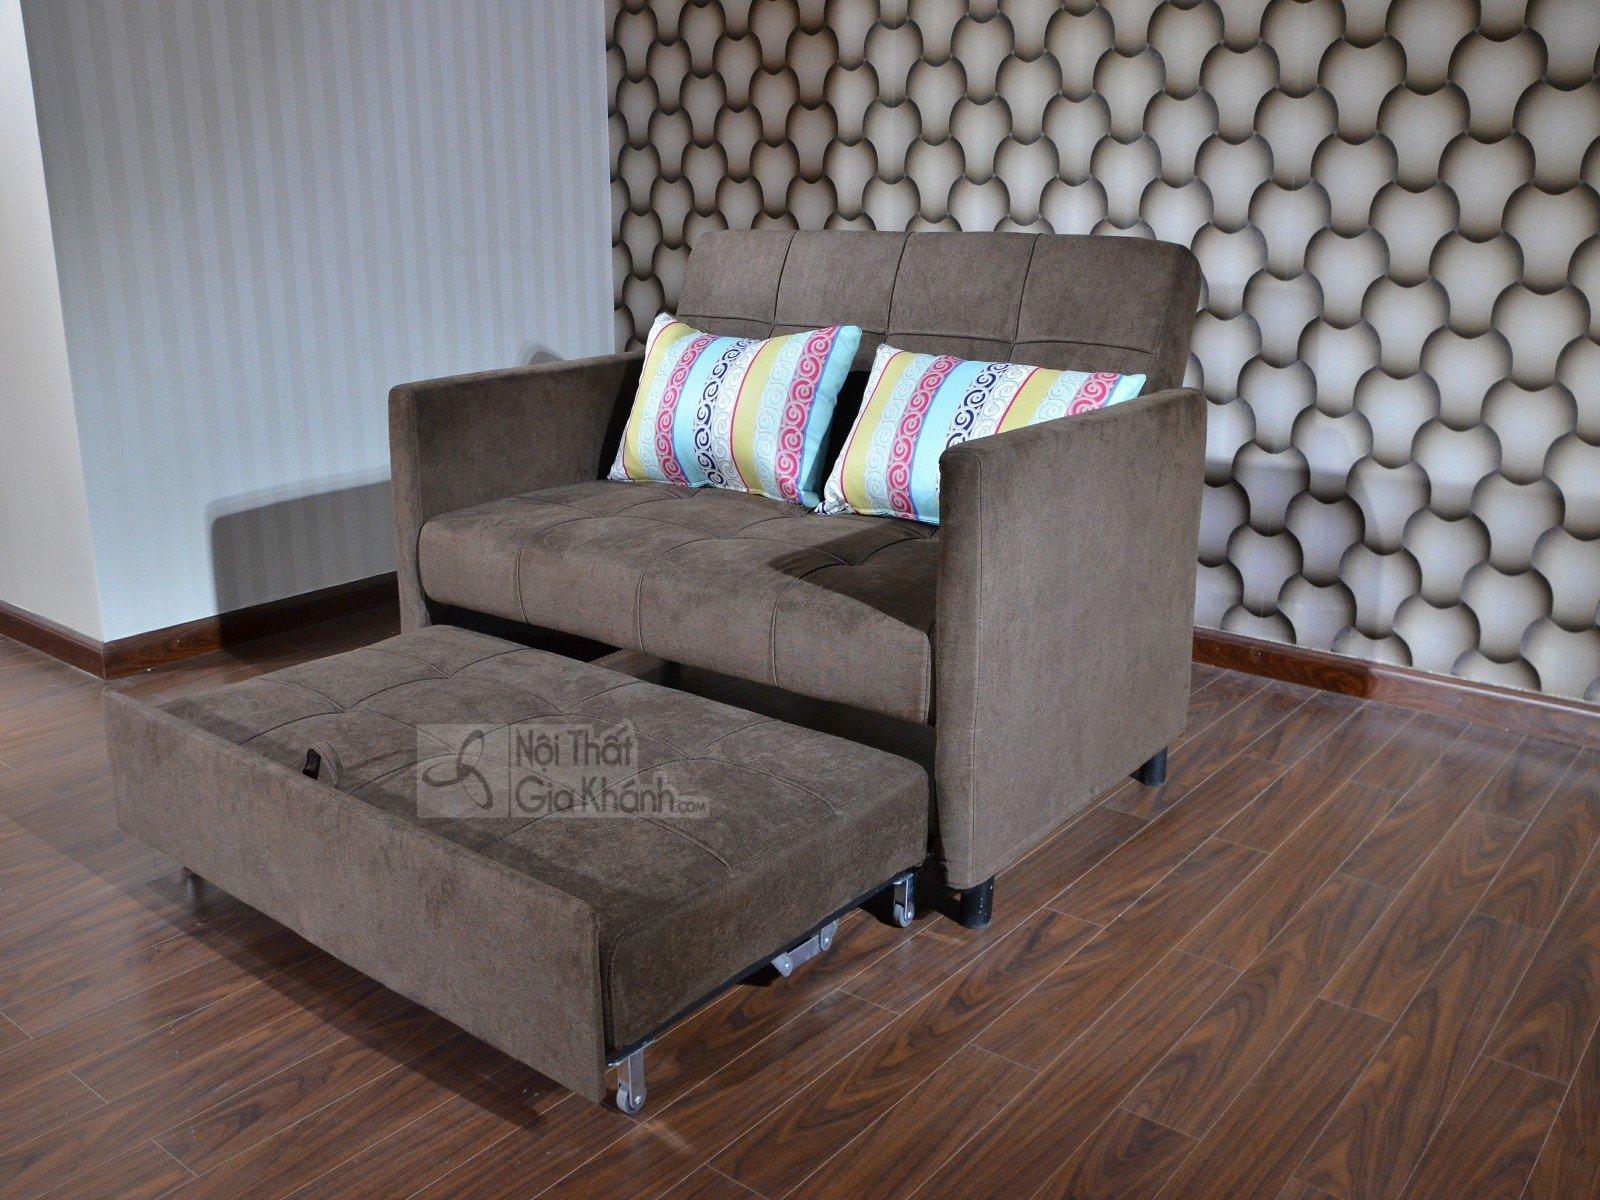 Sofa đa năng - Sofa giường - Sofa bed mã SF161-7 - sofa da nang SF161 7 4